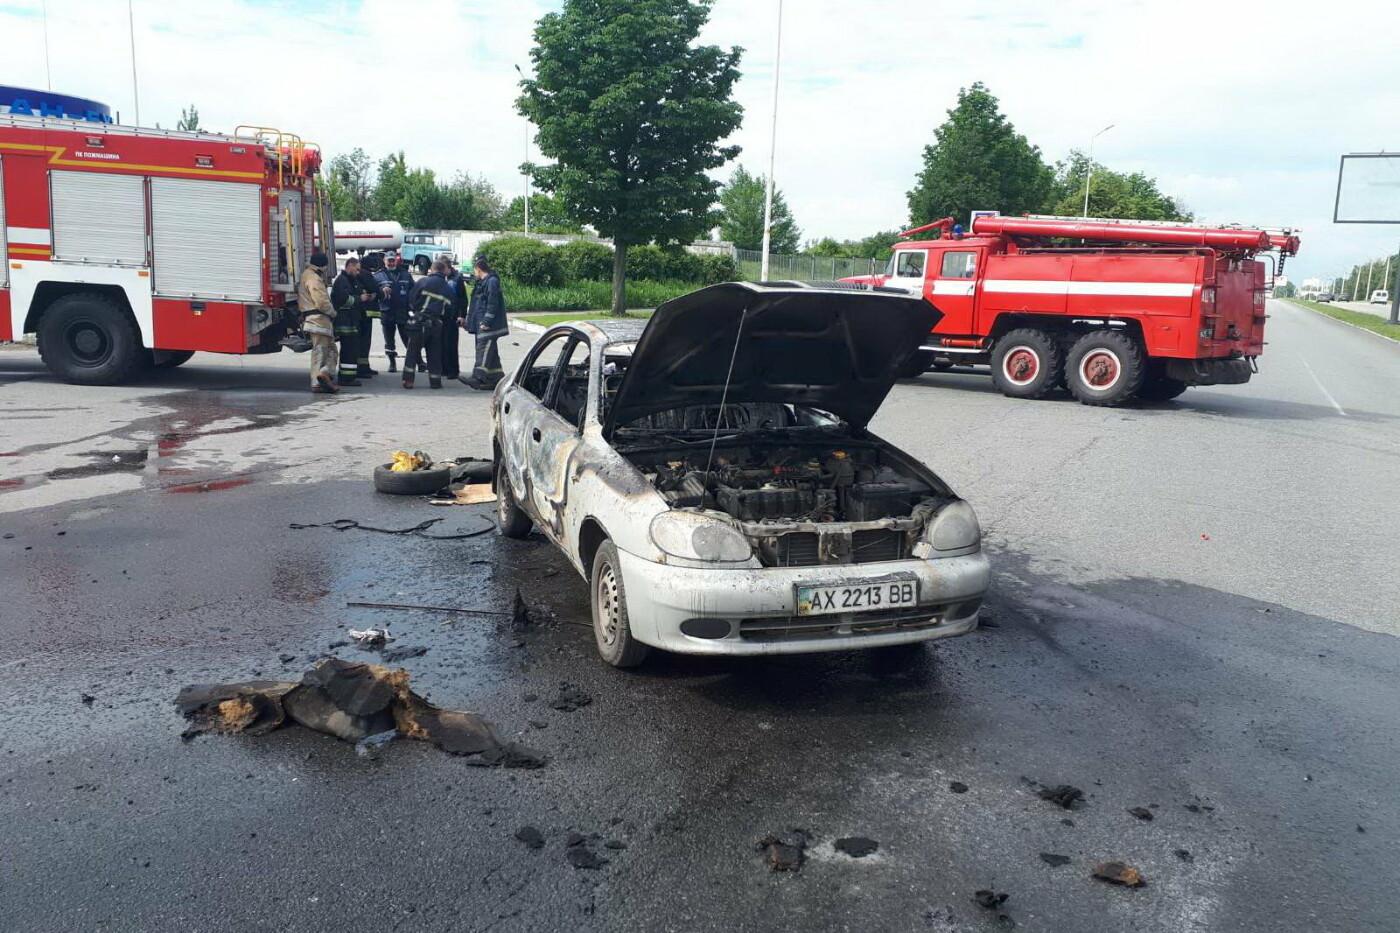 В Харькове во время движения загорелся легковой автомобиль: водитель получил ожоги, - ФОТО, фото-3